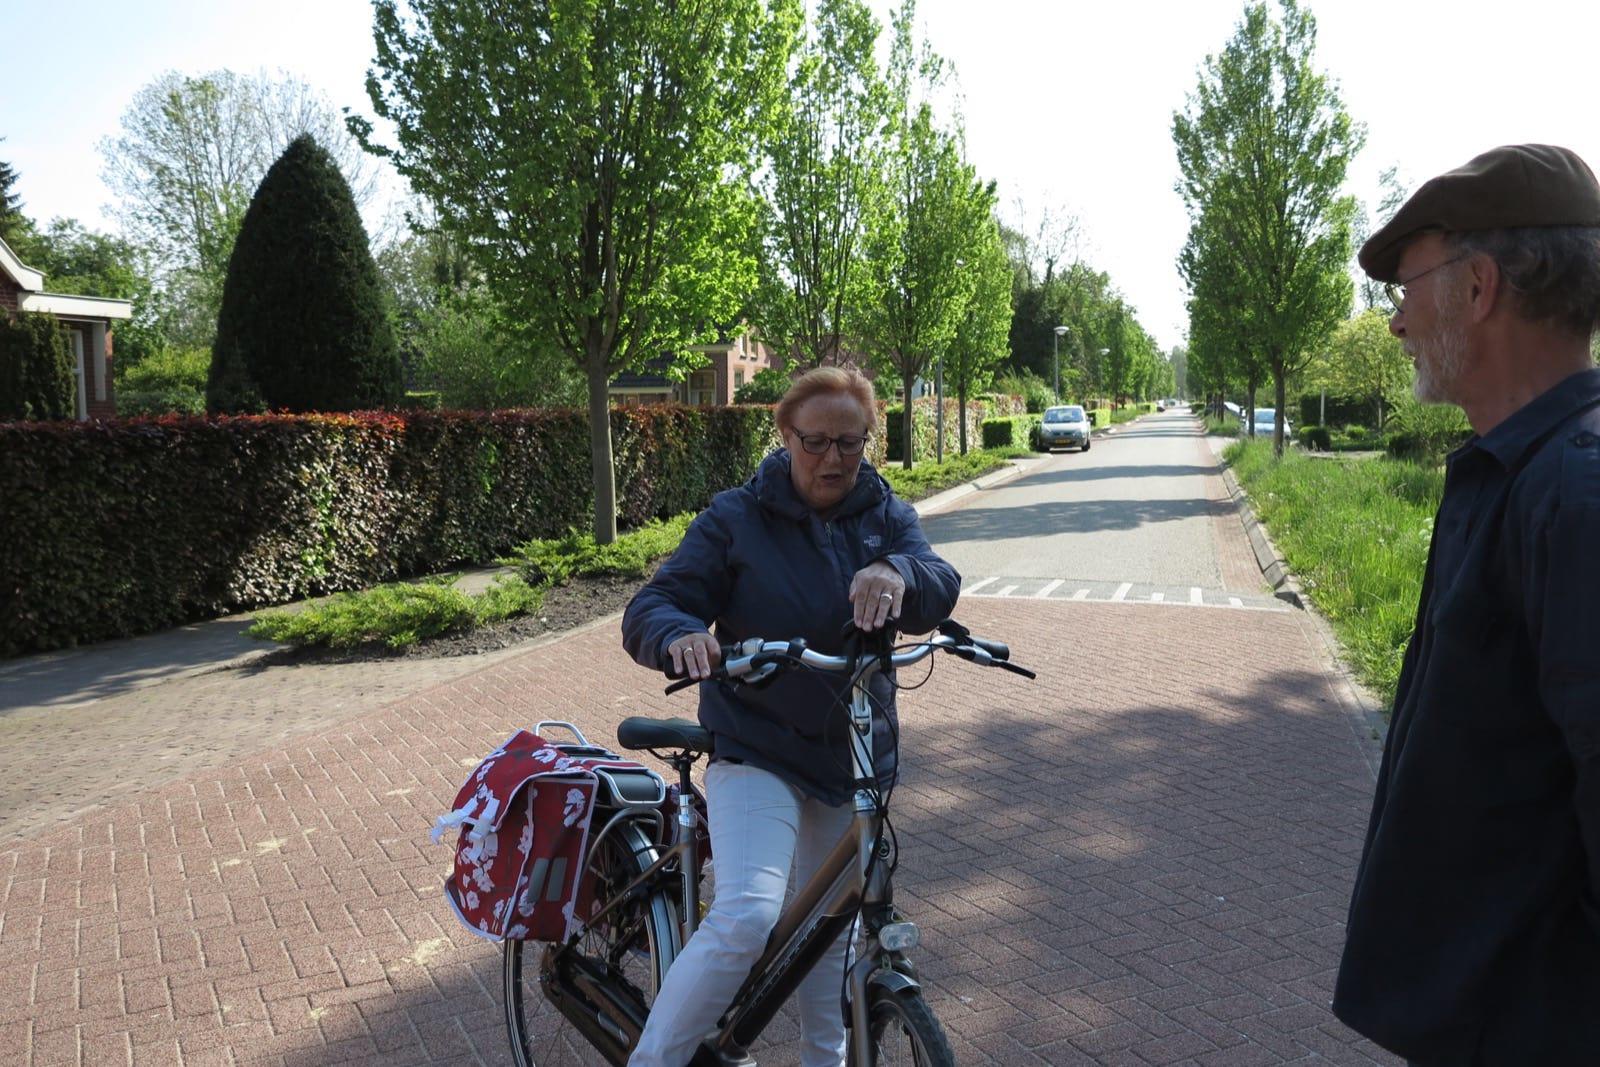 et-fiets-en-fietser-30-janny-sibma-op-de-nieuwe-e-bike-oi.jpg